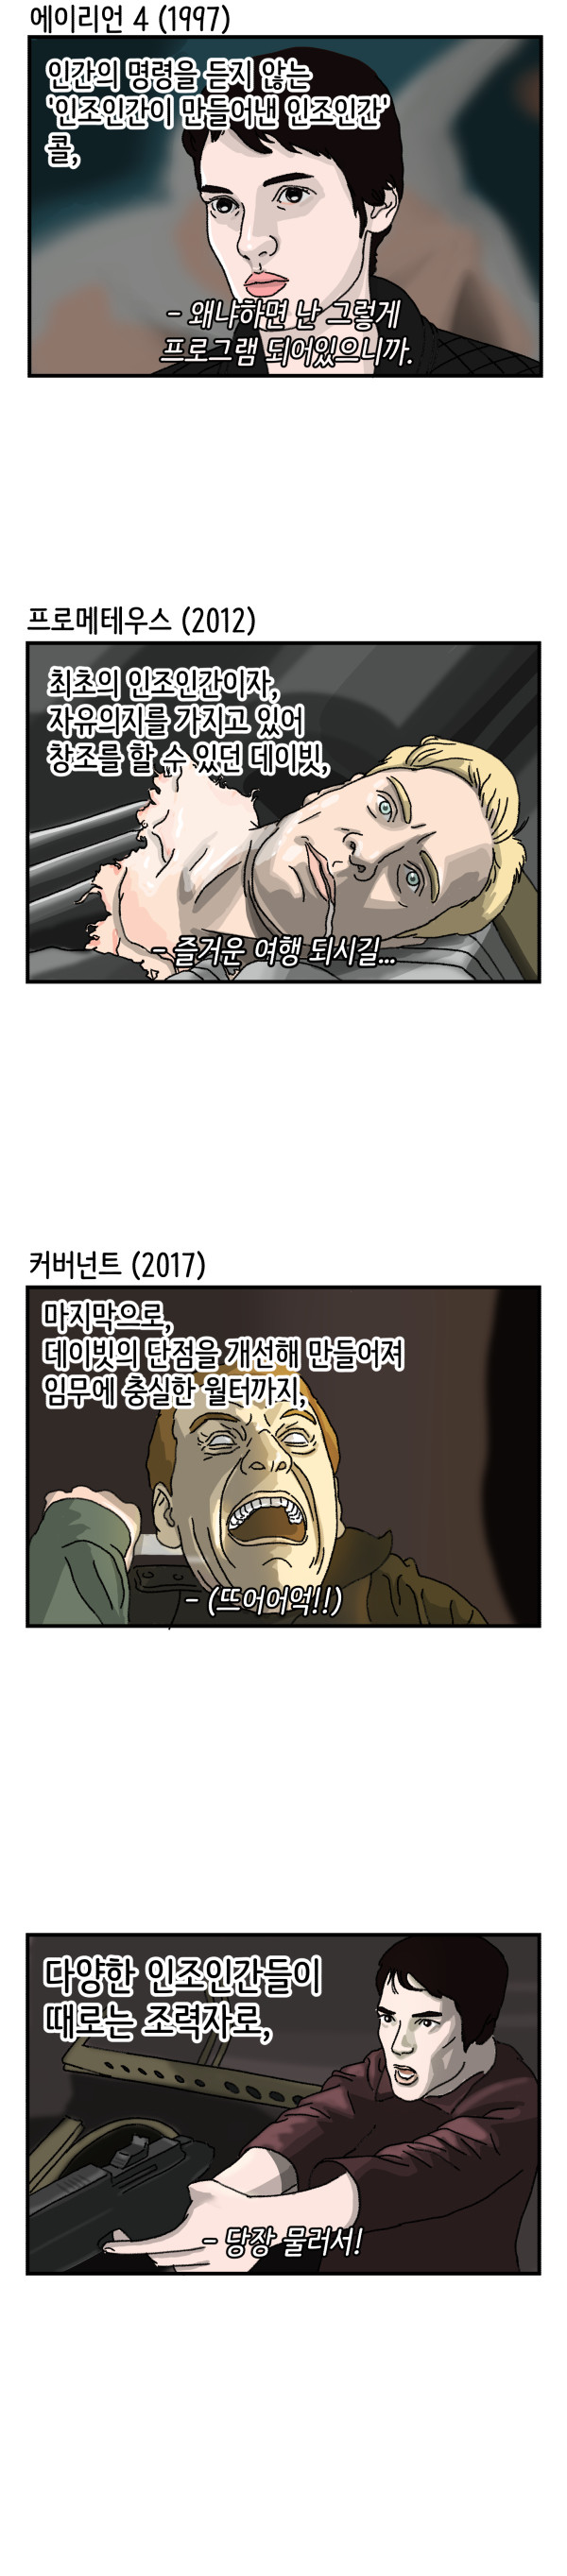 22_003.jpg